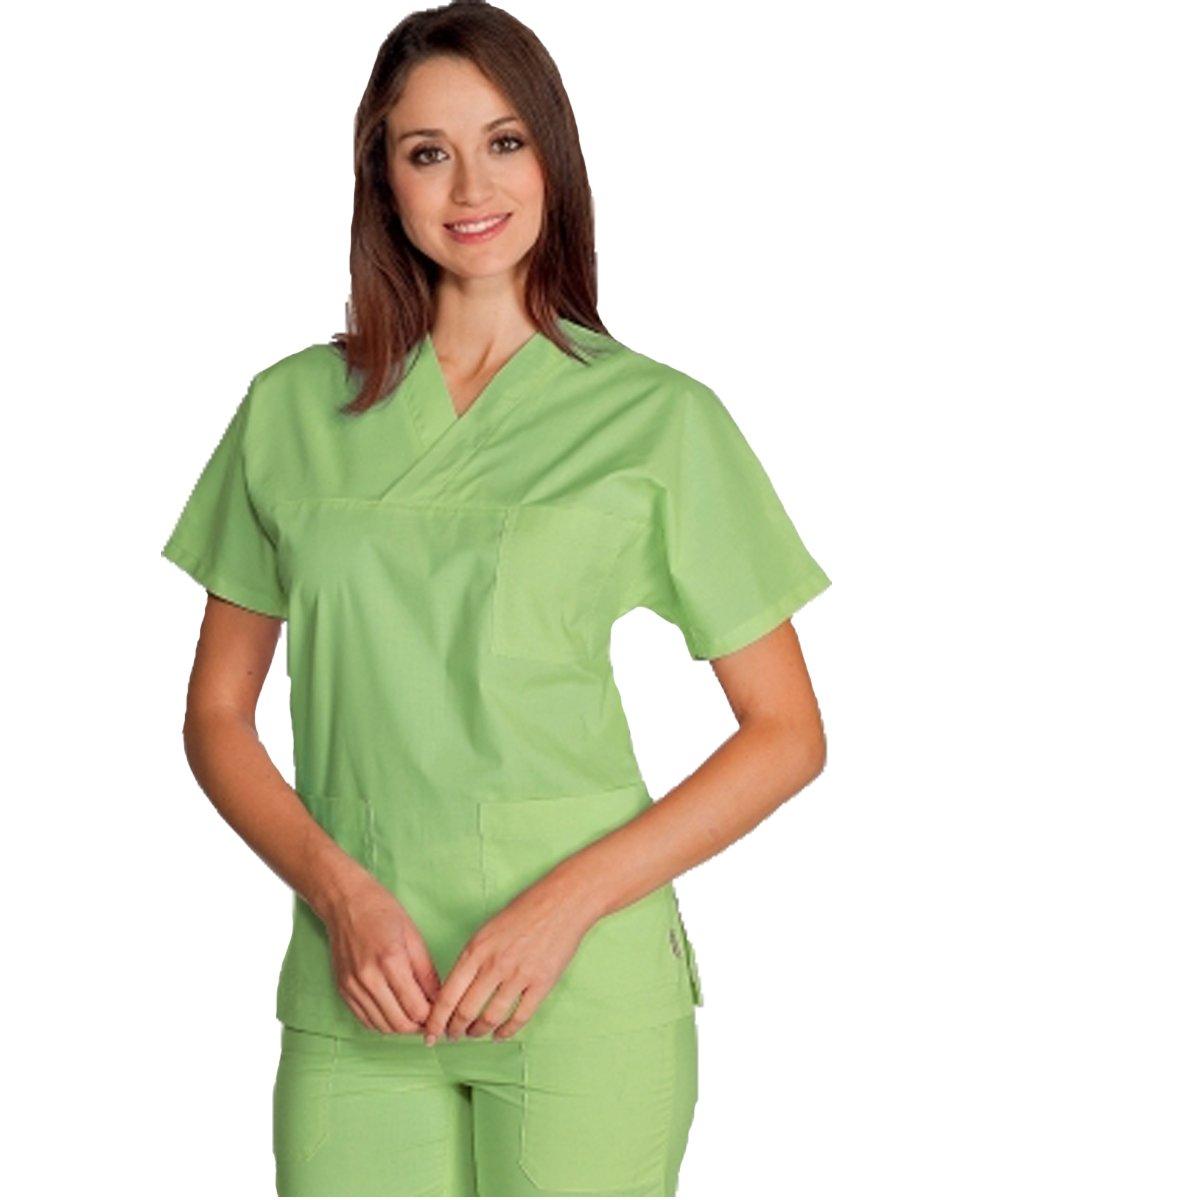 Fratelliditalia Casacca ospedaliera in cotone scollo V dottore infermiere nero giallo beige blu azzurro celeste